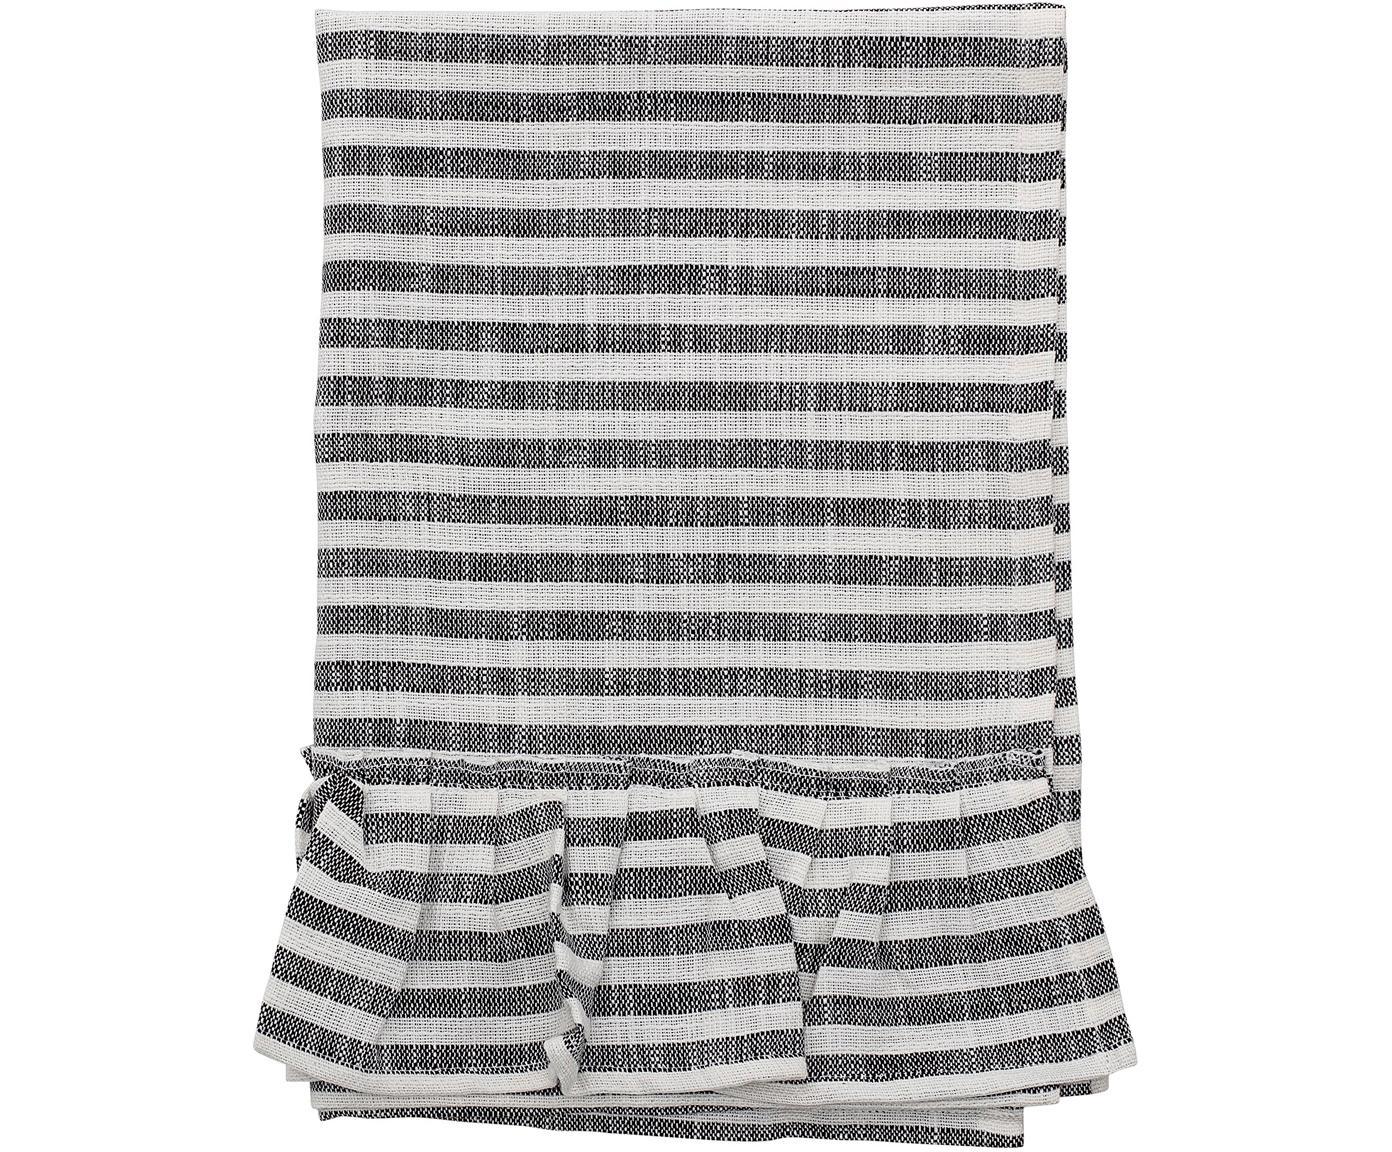 Theedoek Egina met franjes, Katoen, Zwart, gebroken wit, 45 x 70 cm